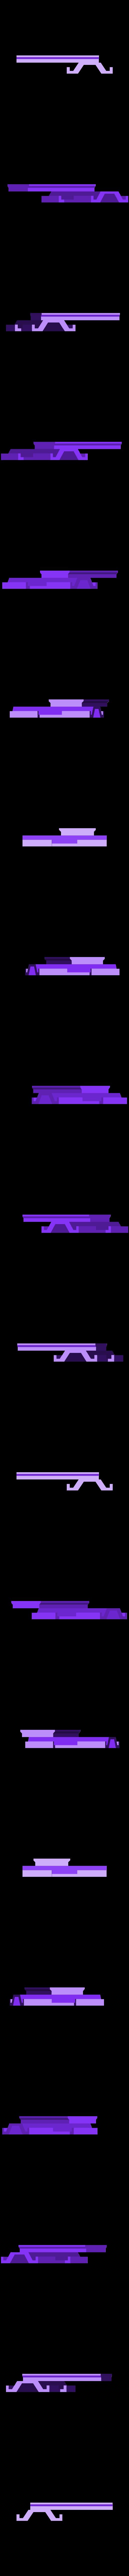 Penholder.stl Télécharger fichier STL gratuit Porte-plume Ender 3 avec BLTouch • Plan à imprimer en 3D, maxsiebenschlaefer13